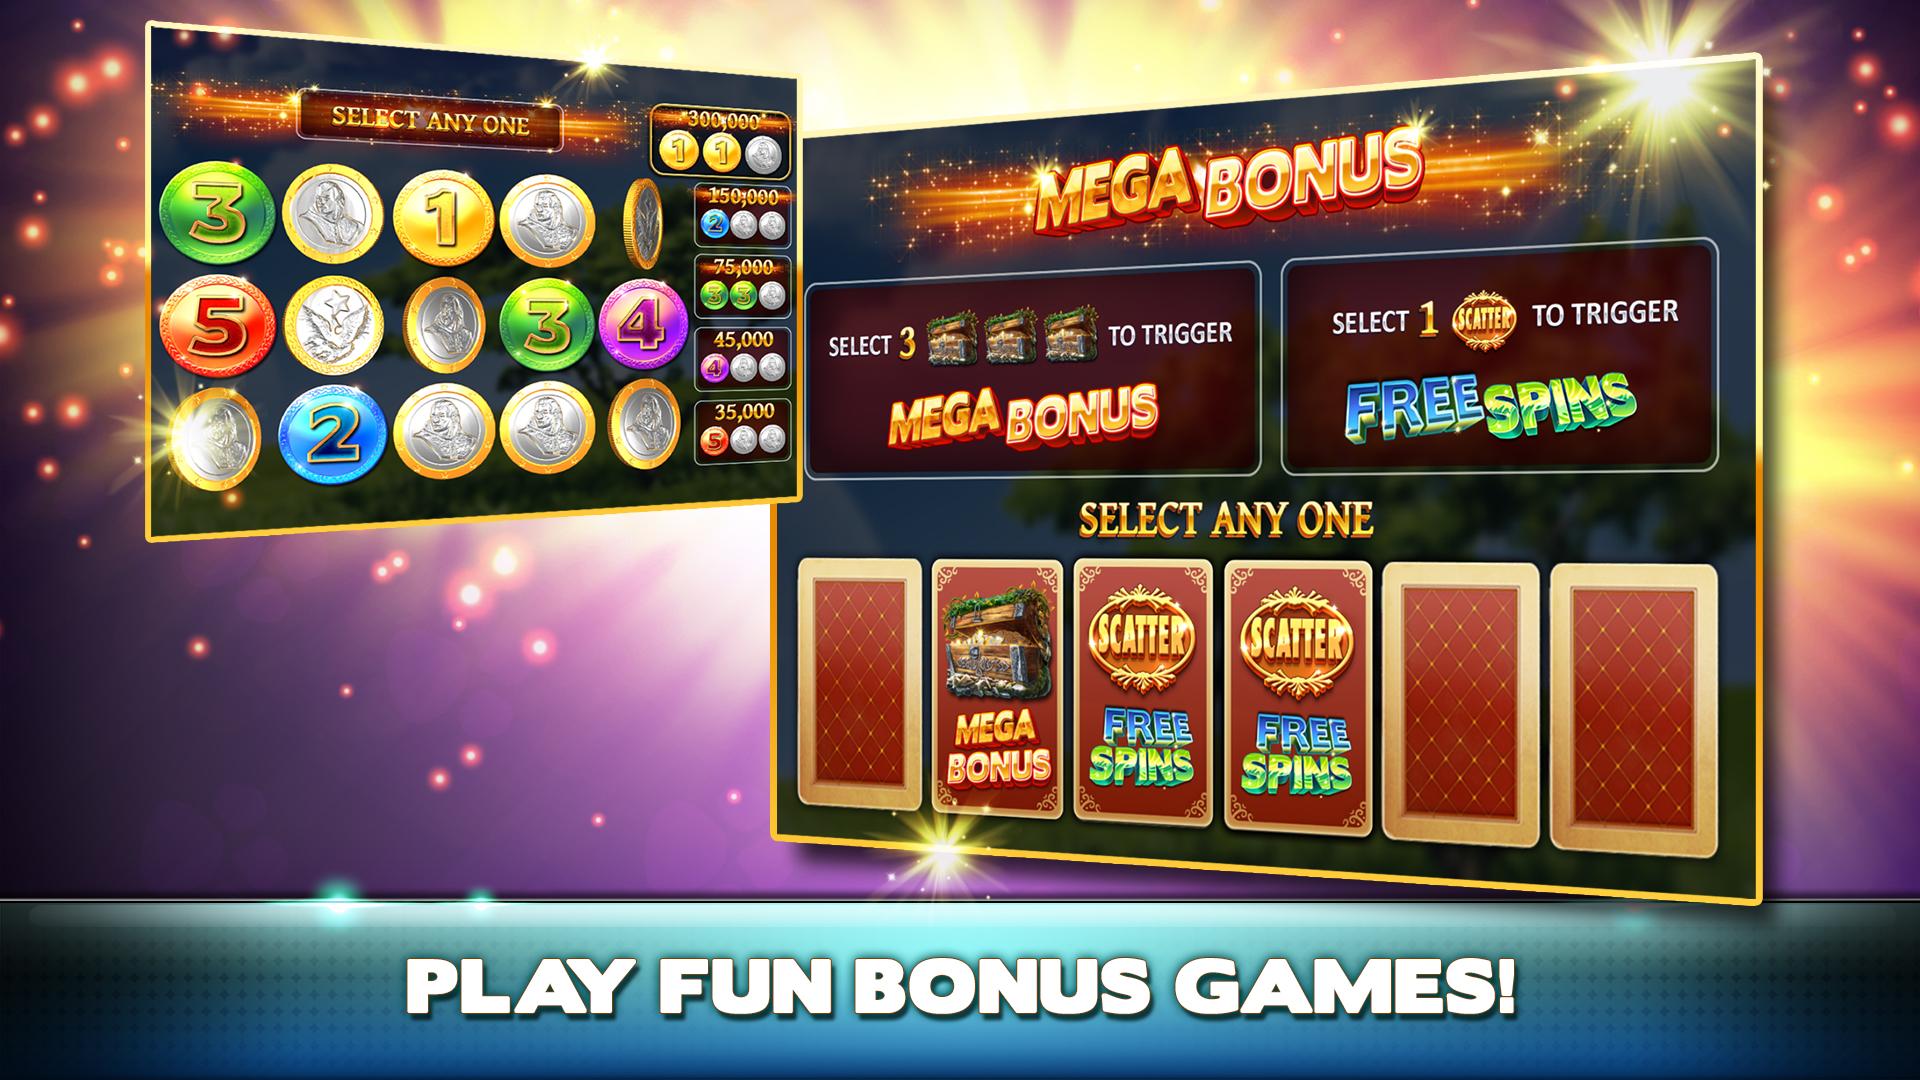 Best Way To Win At Casino Slot Machines